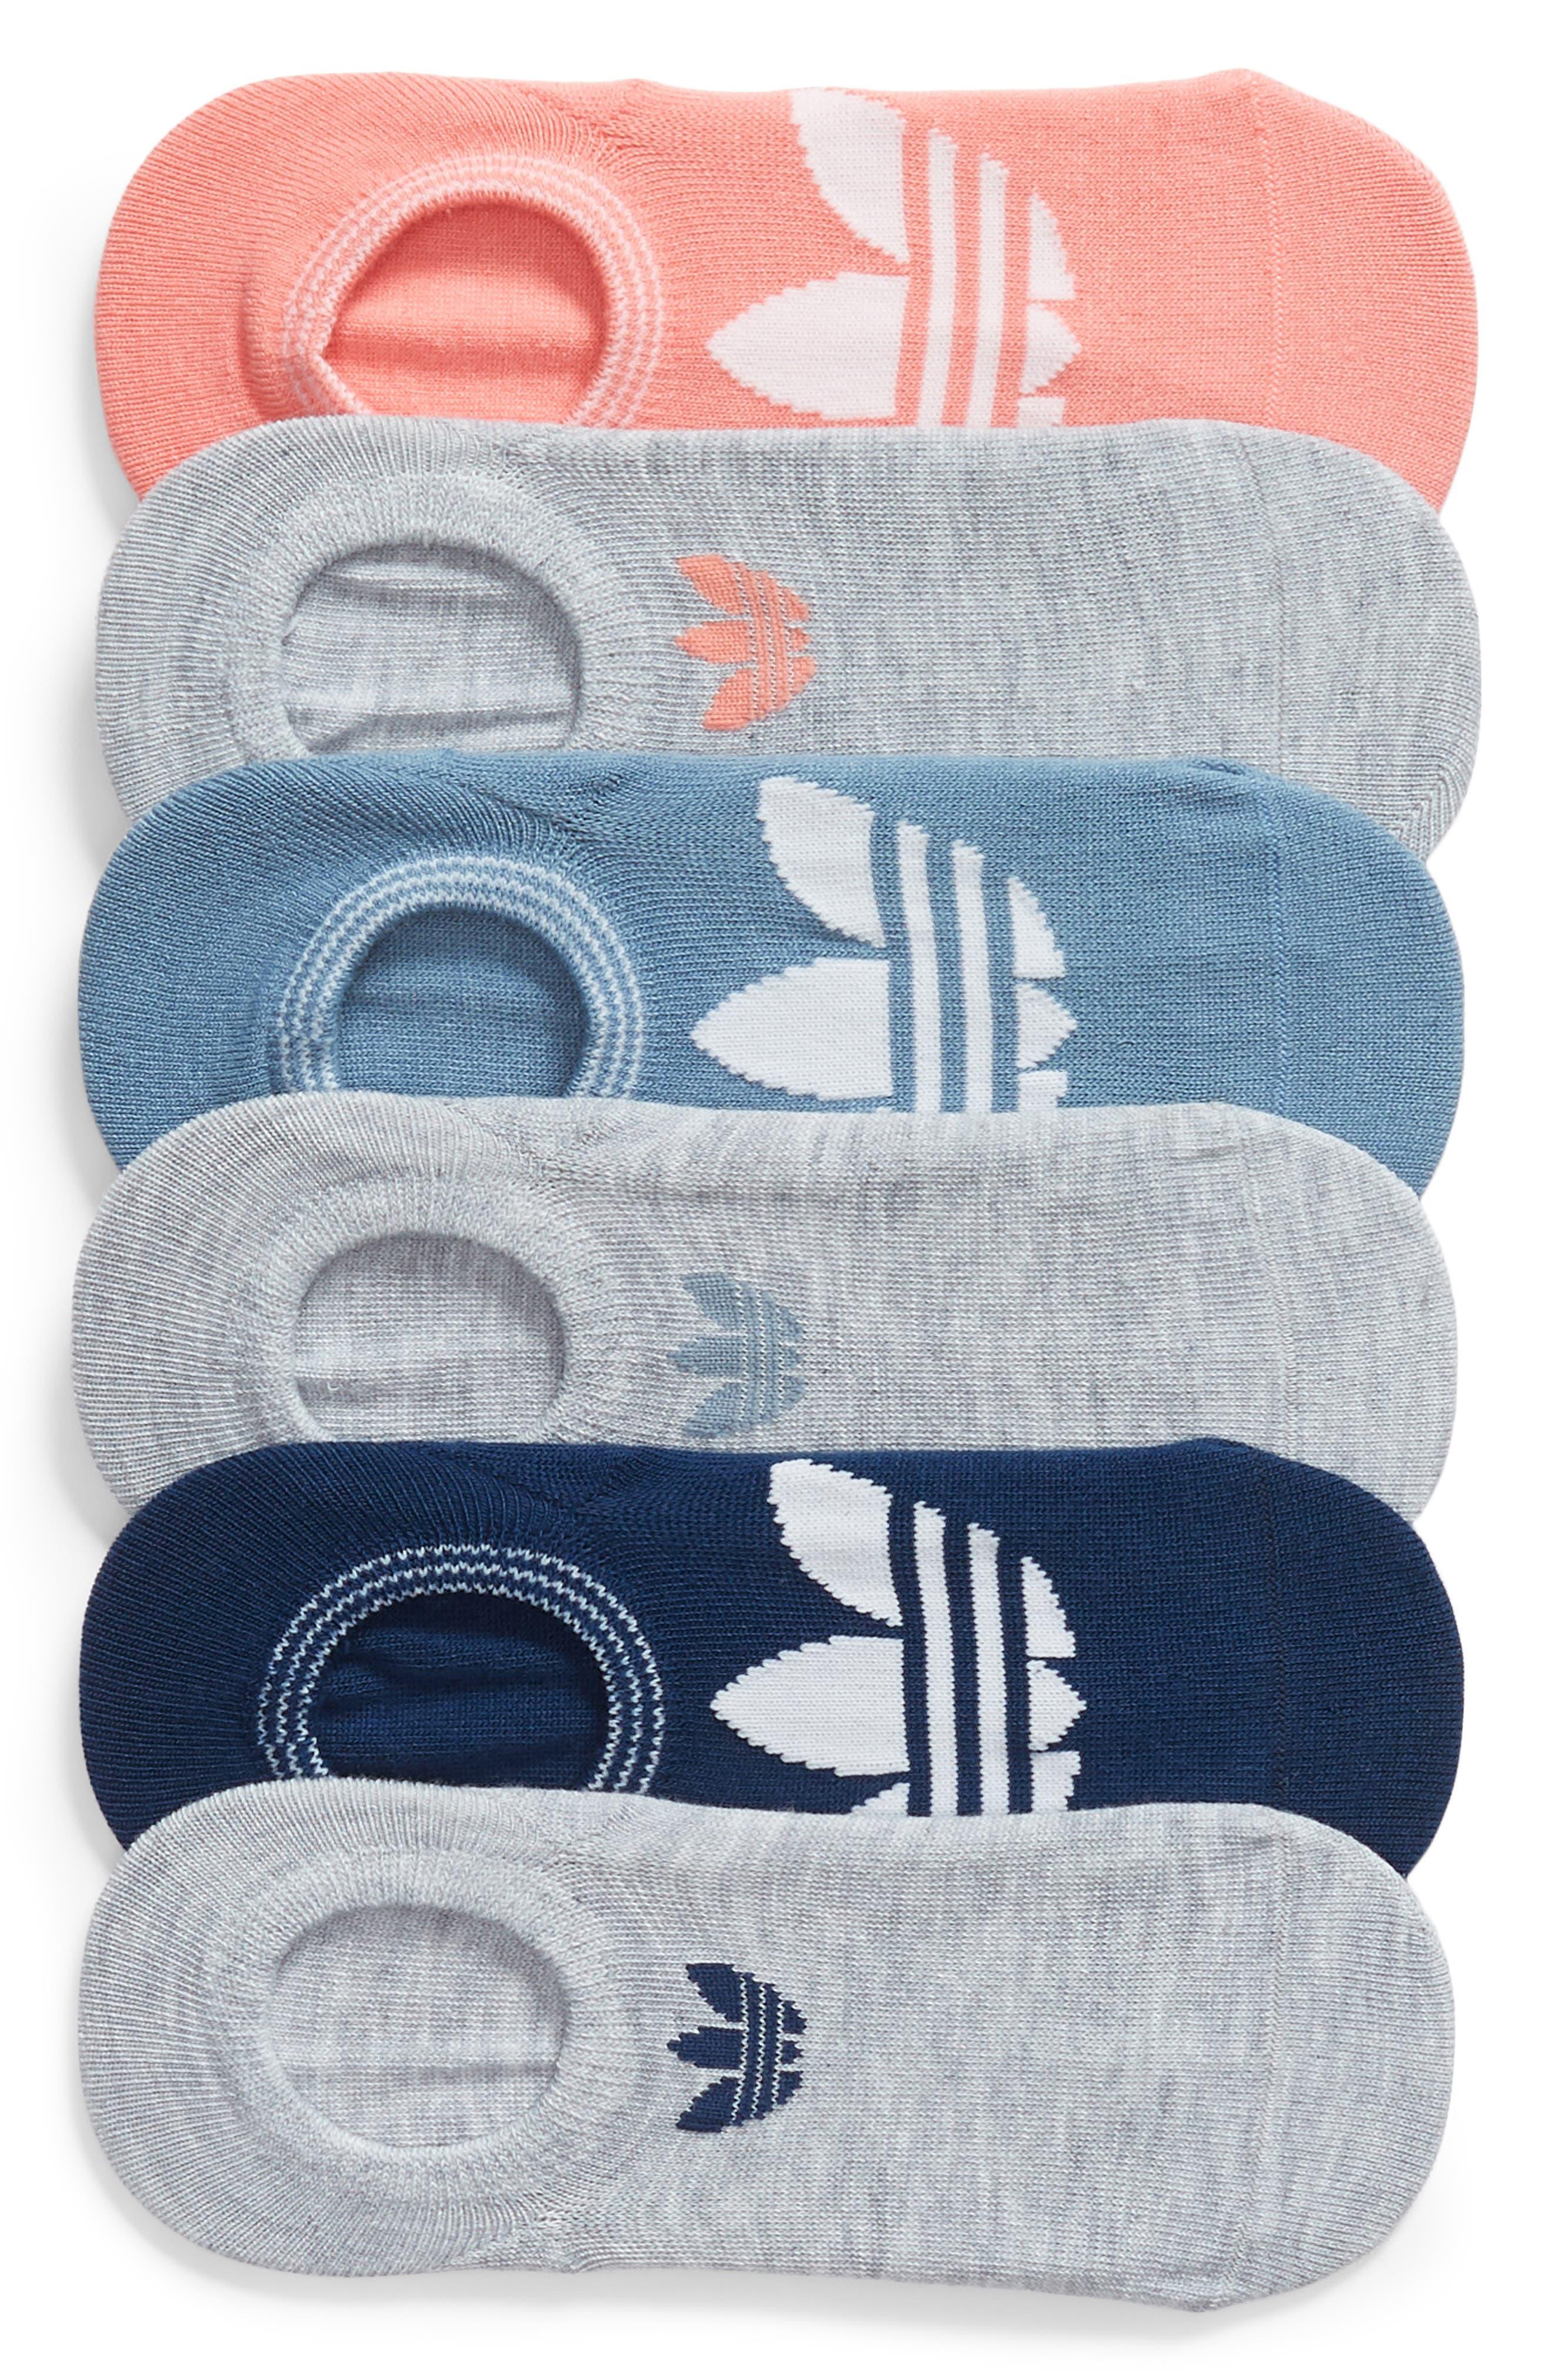 6-Pack Trefoil Superlite No-Show Socks,                         Main,                         color, Tactile Rose Multi